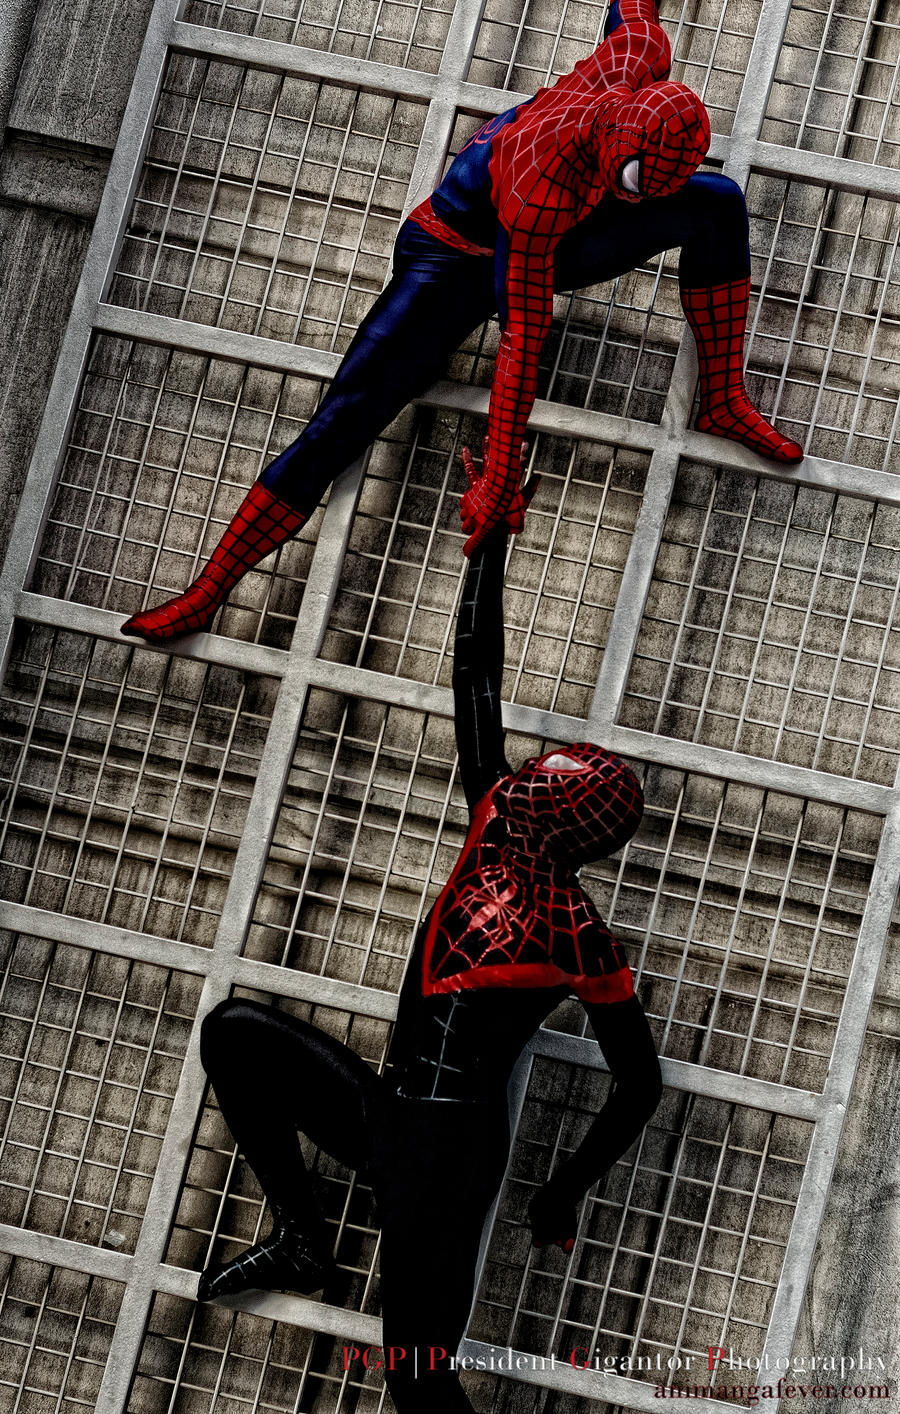 Spider-Man by president-gigantor